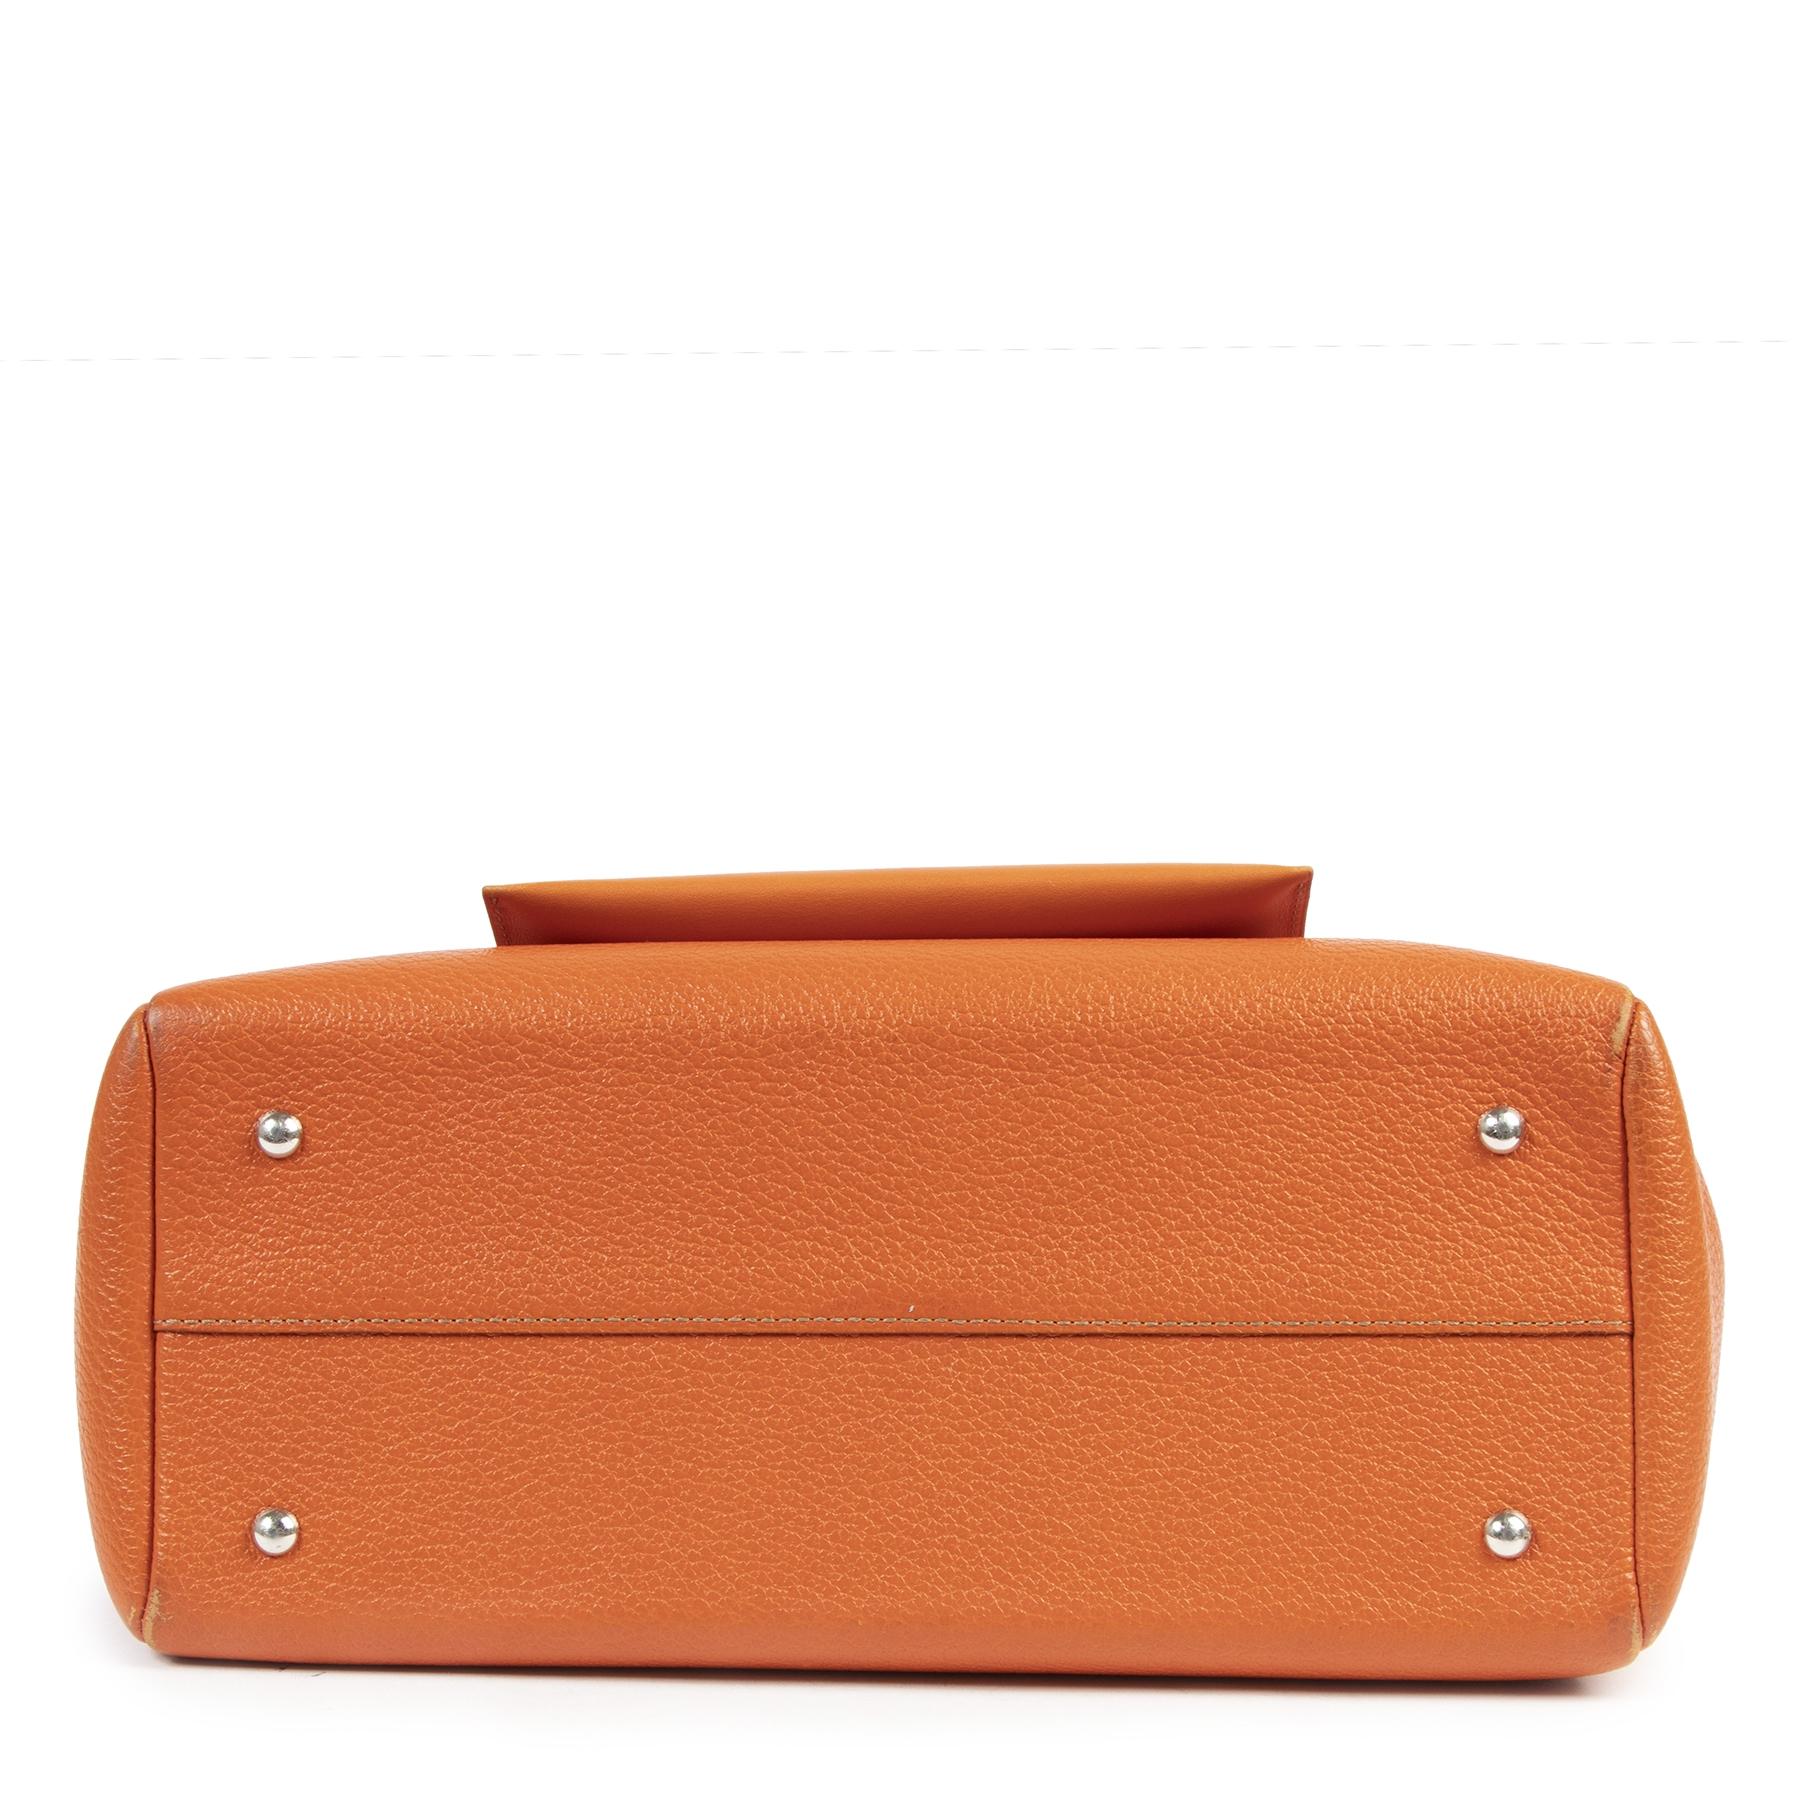 Authentieke tweedehands vintage Delvaux Deux de Delvaux Orange Top Handle Bag koop online webshop LabelLOV